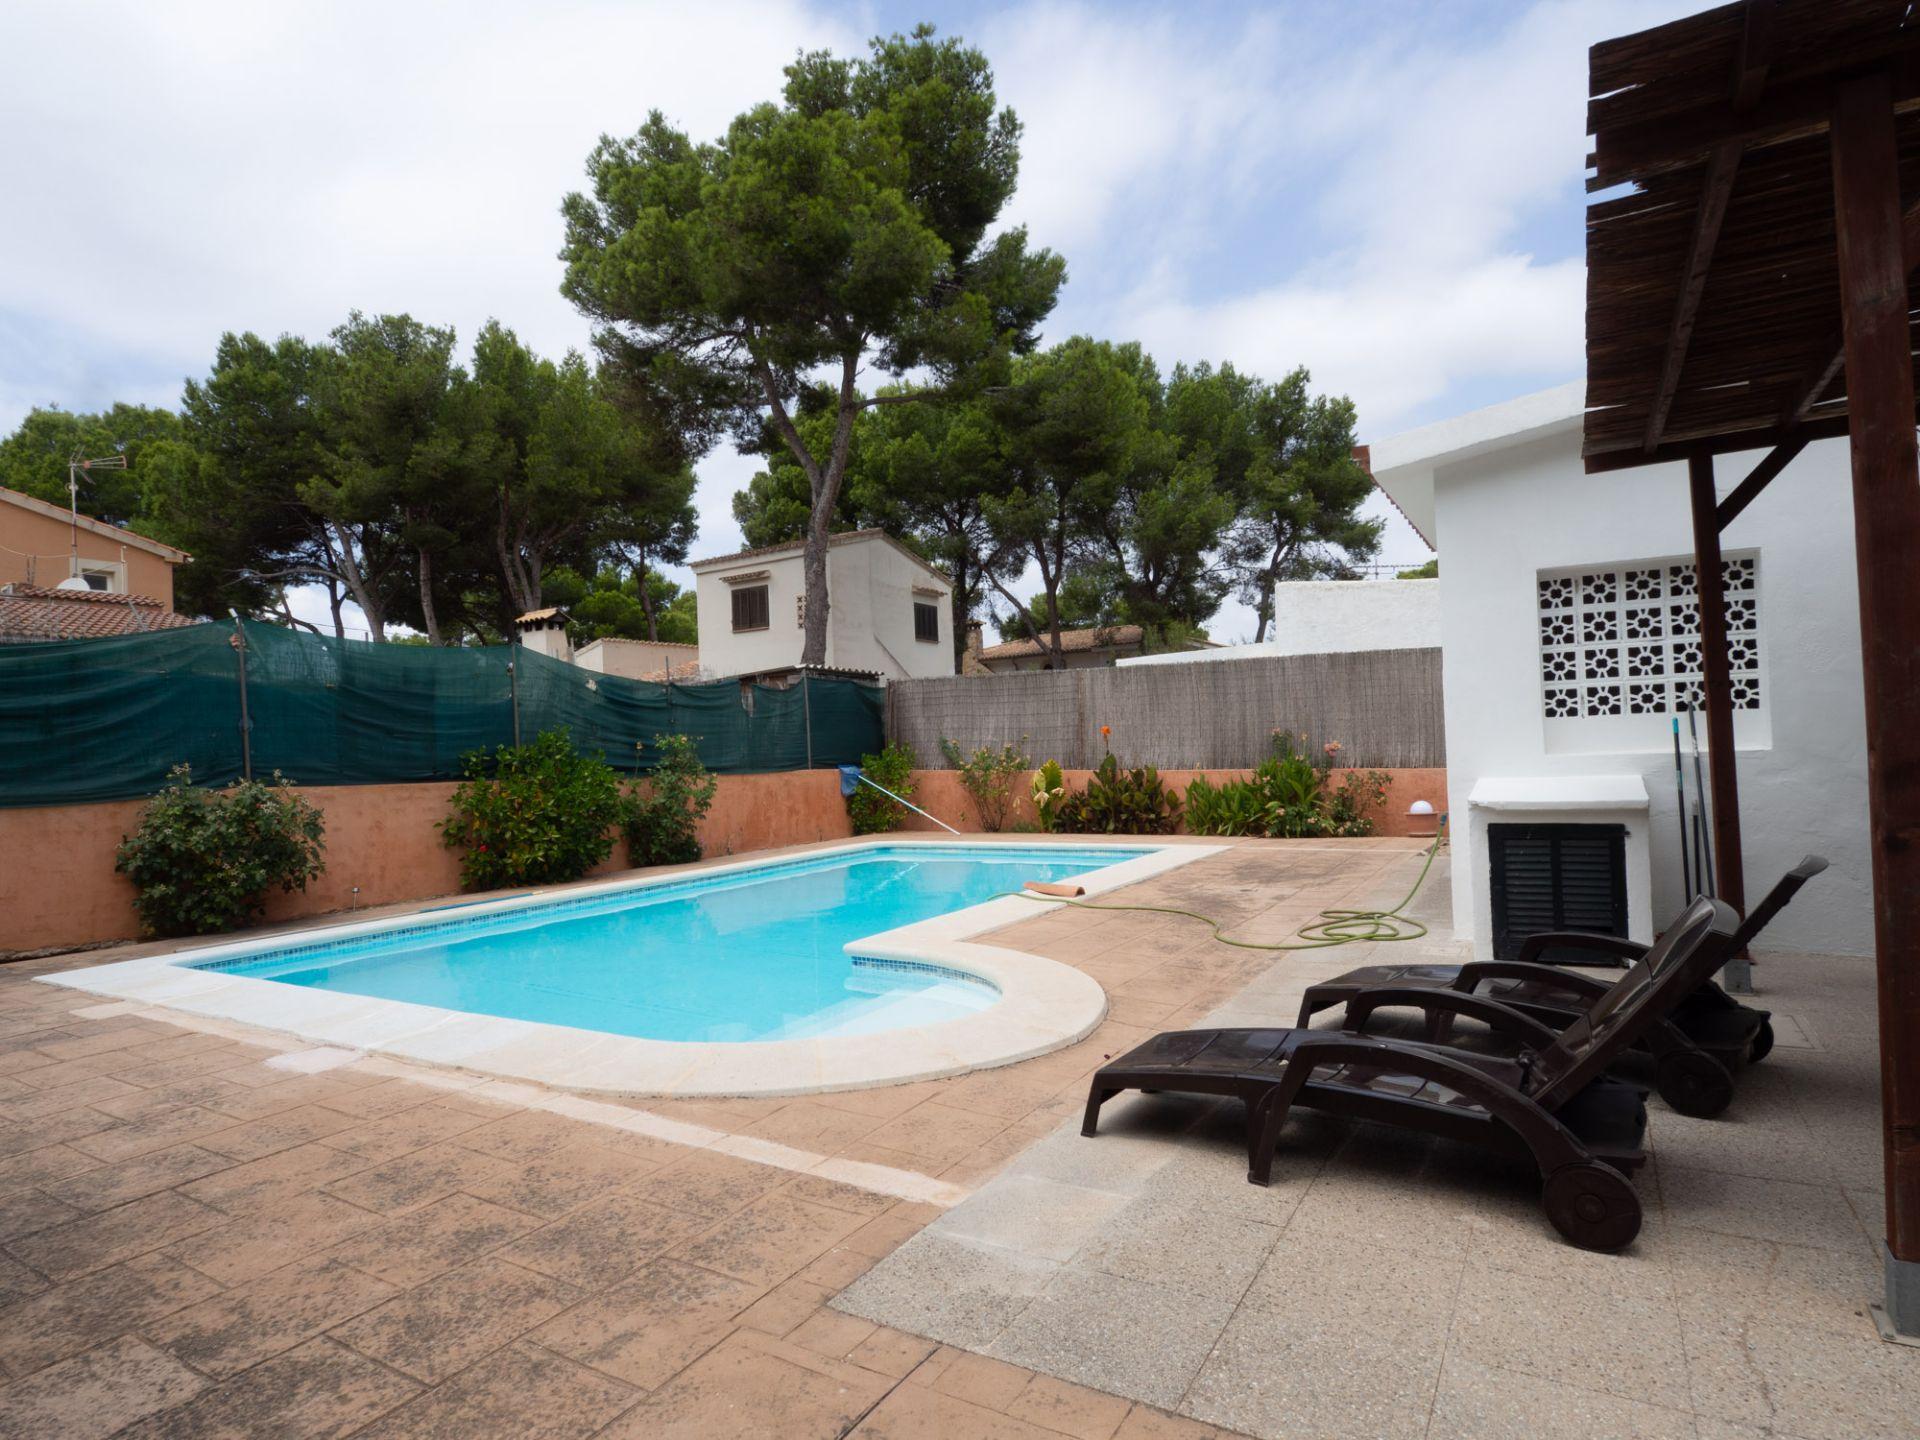 Casa / Chalet en El Toro, El Toro, venta